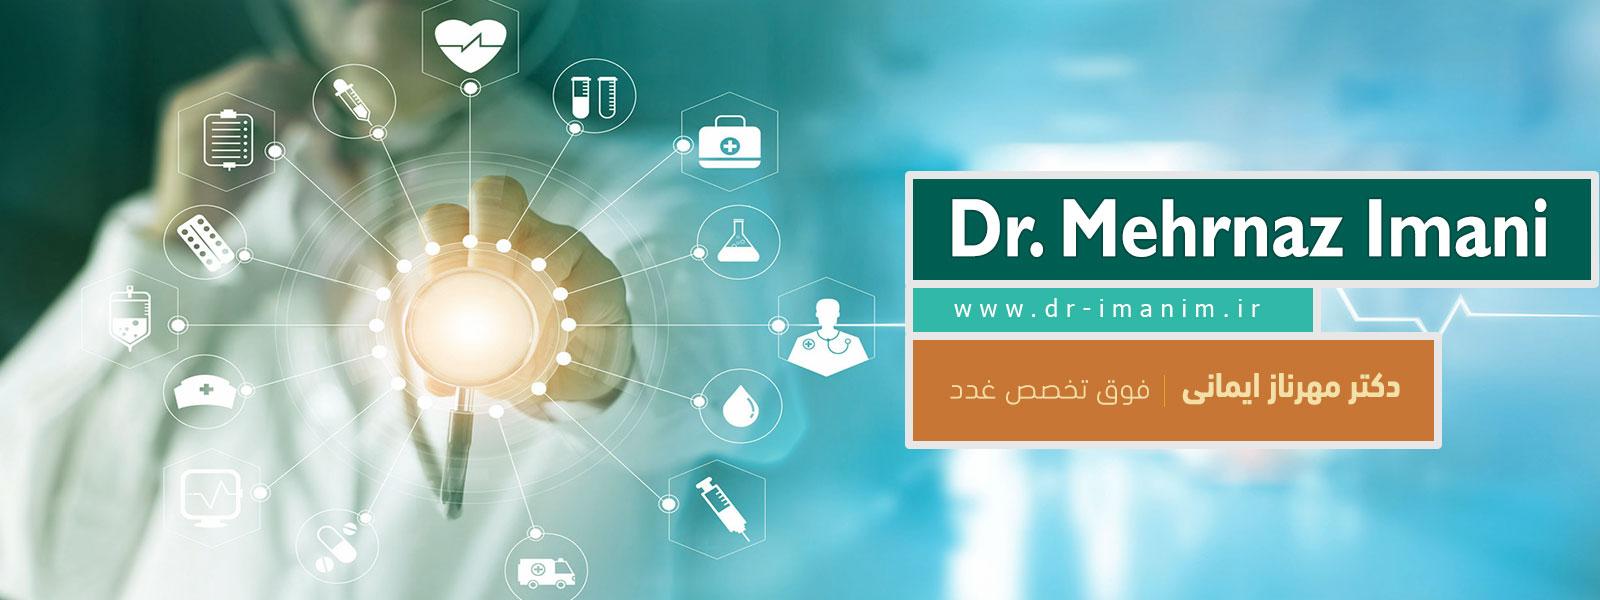 دکتر مهرناز ایمانی